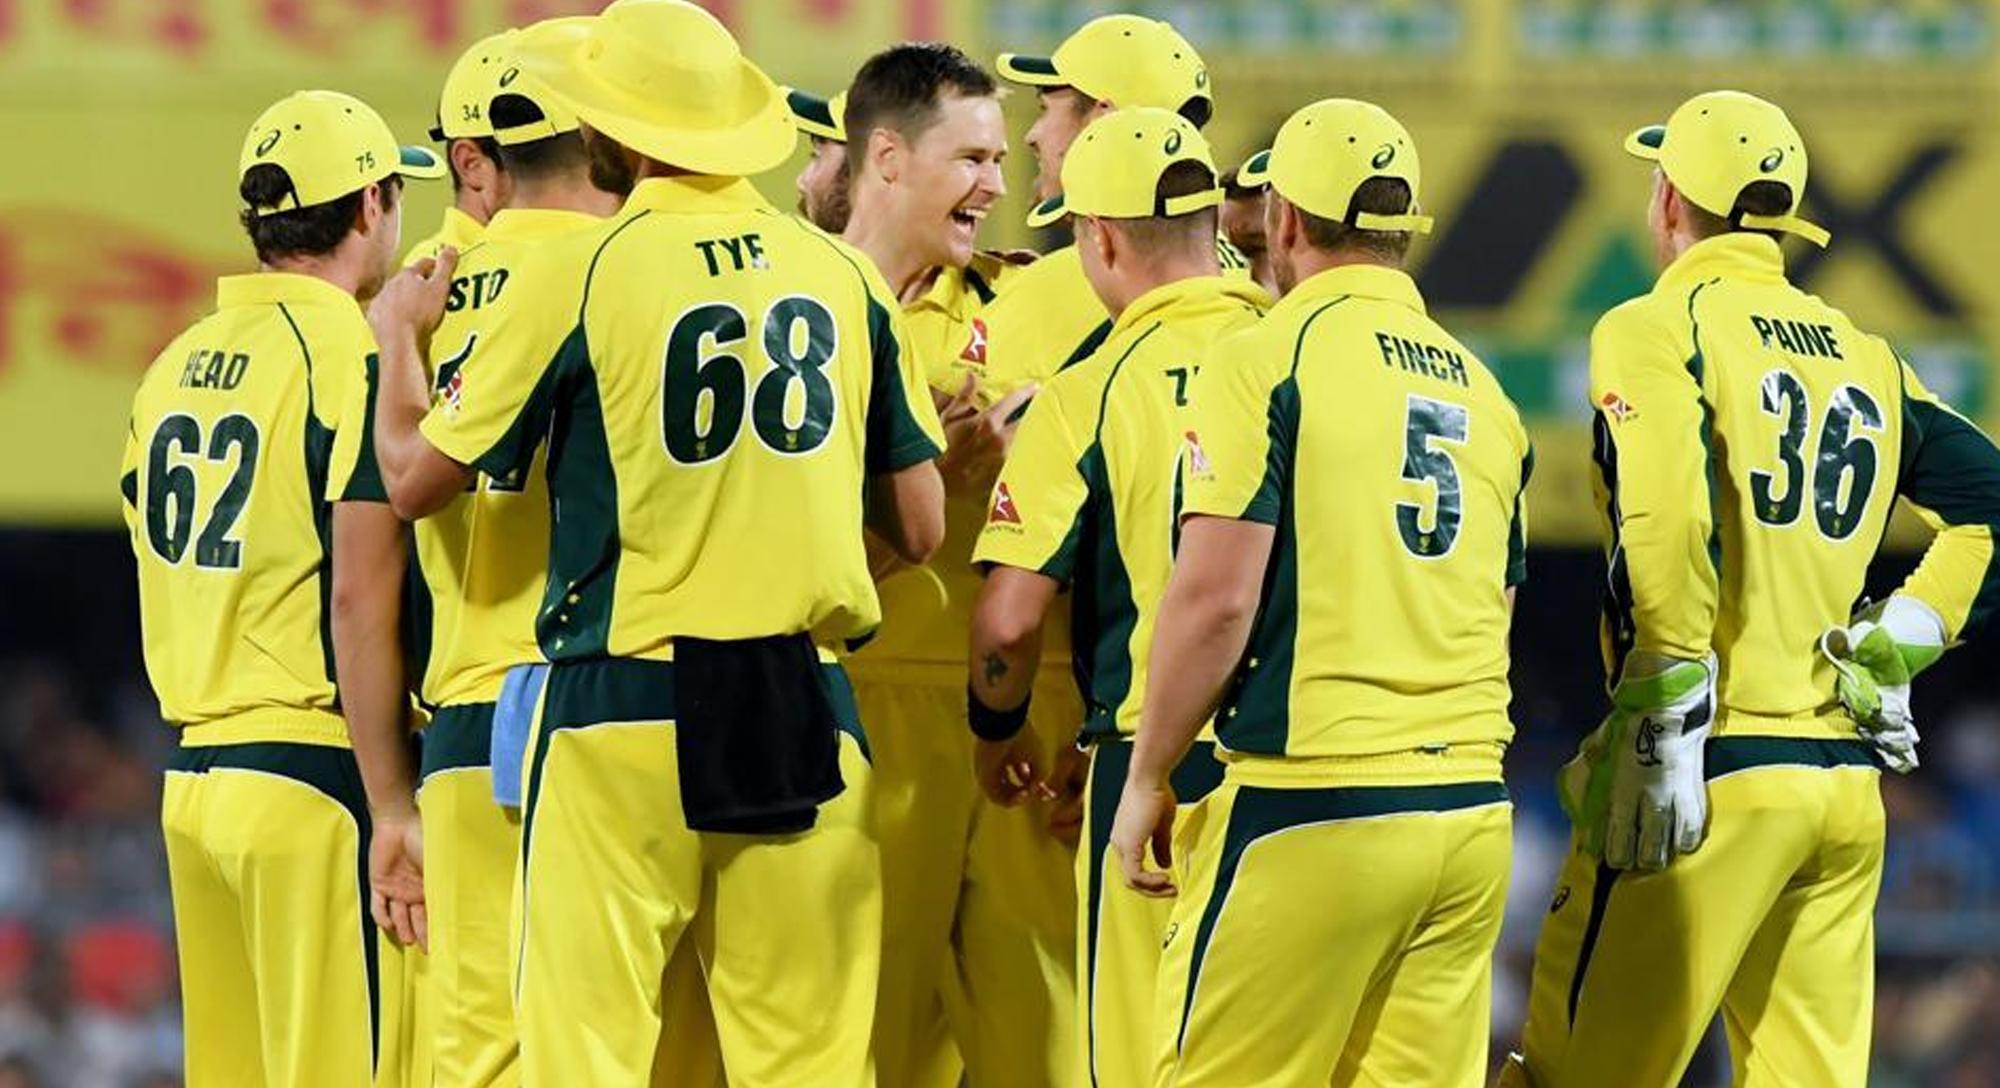 australia eye top spot in t20i rankings in series against pakistan